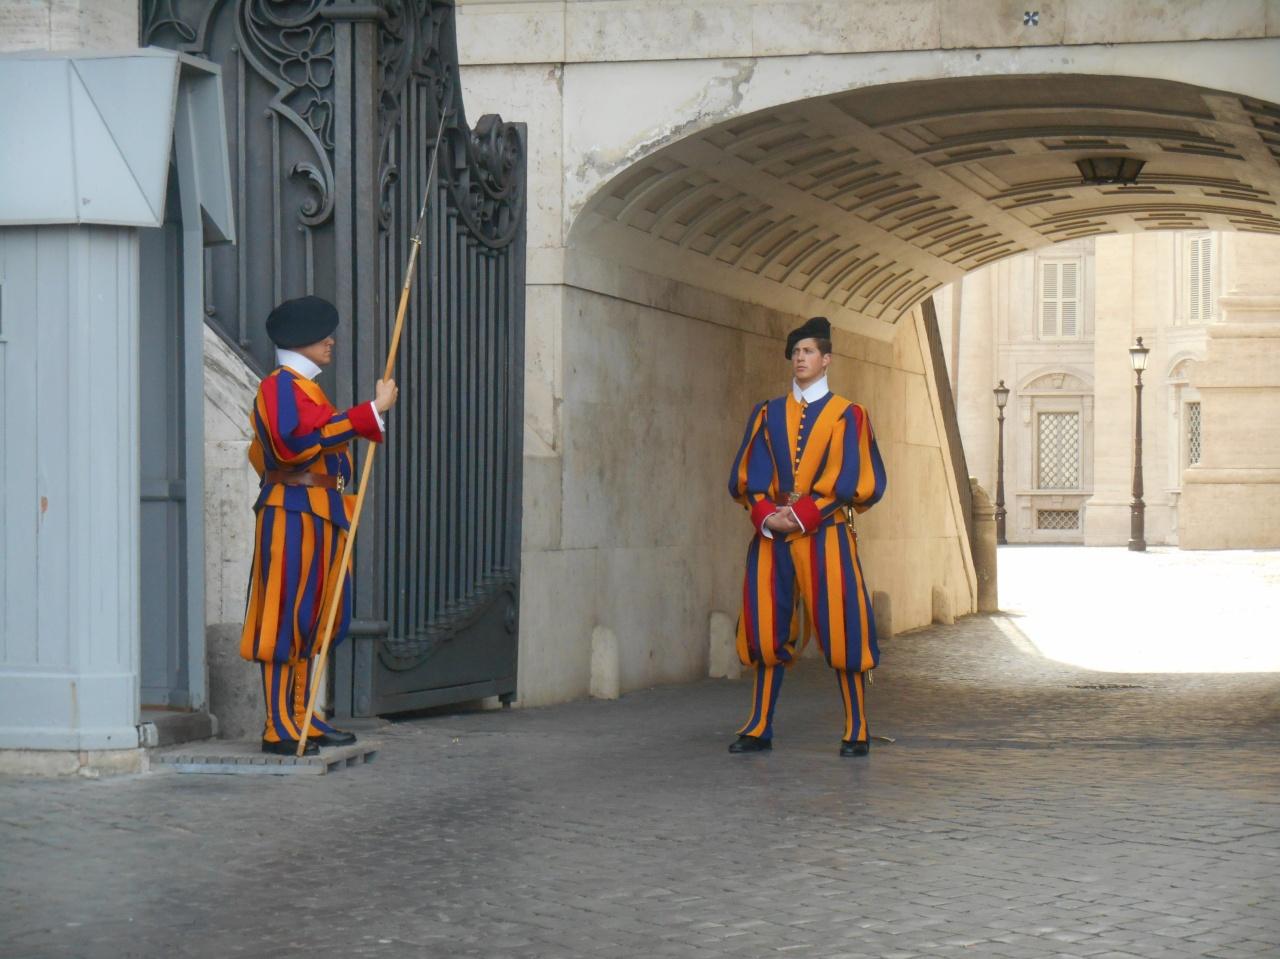 gardes-suisses-vatican.jpg